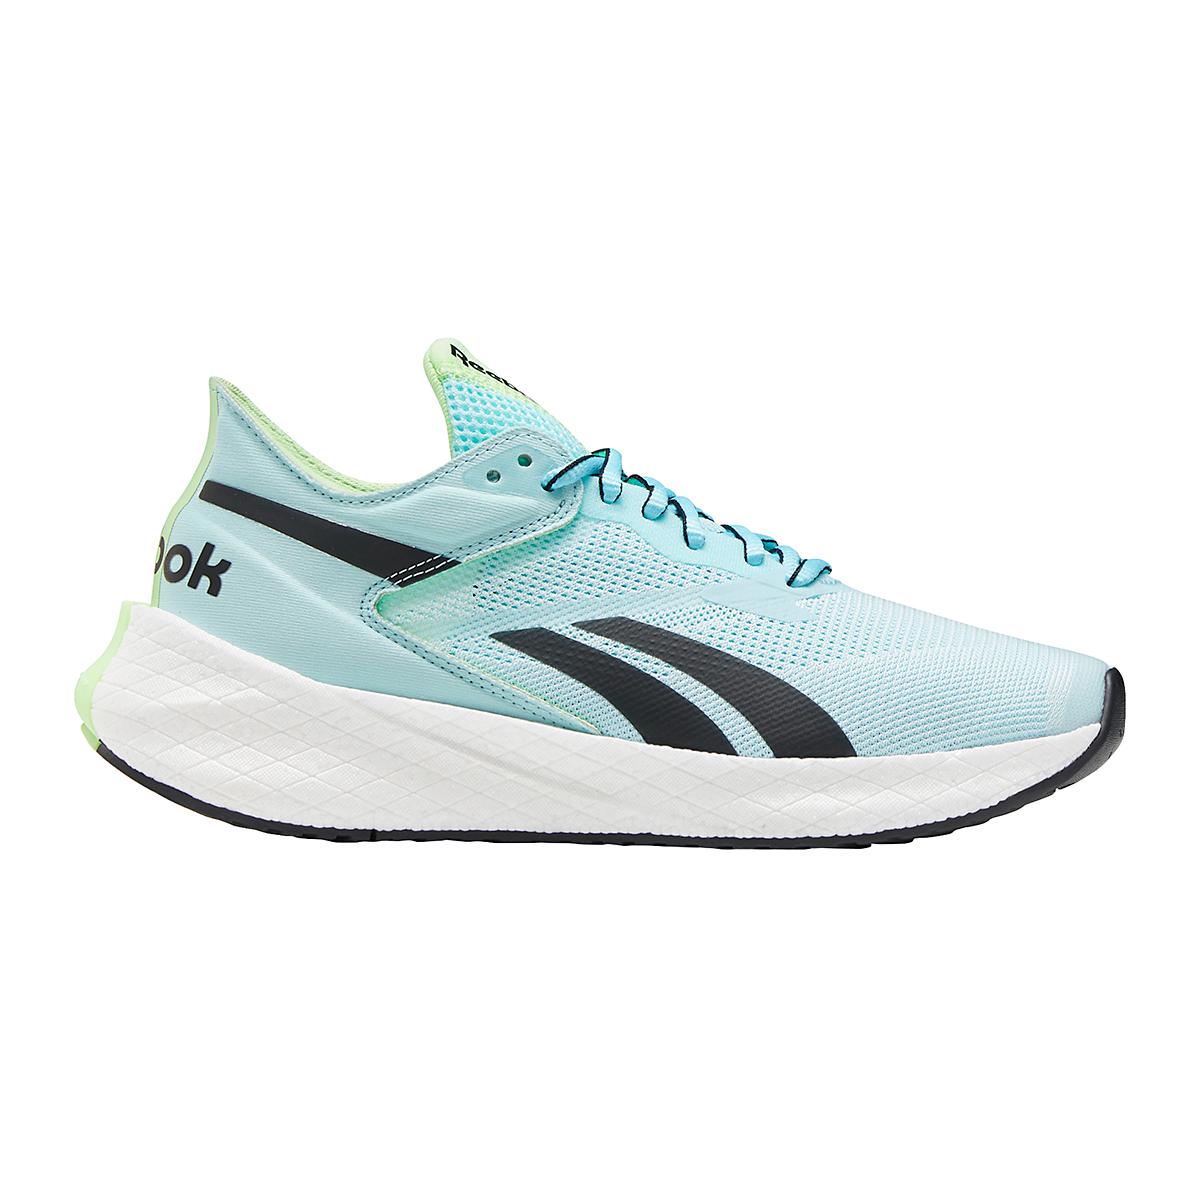 Women's Reebok Floatride Energy Symmetros Running Shoe - Color: Digital Glow/Chalk Blue/Neon Mint - Size: 6 - Width: Regular, Digital Glow/Chalk Blue/Neon Mint, large, image 1